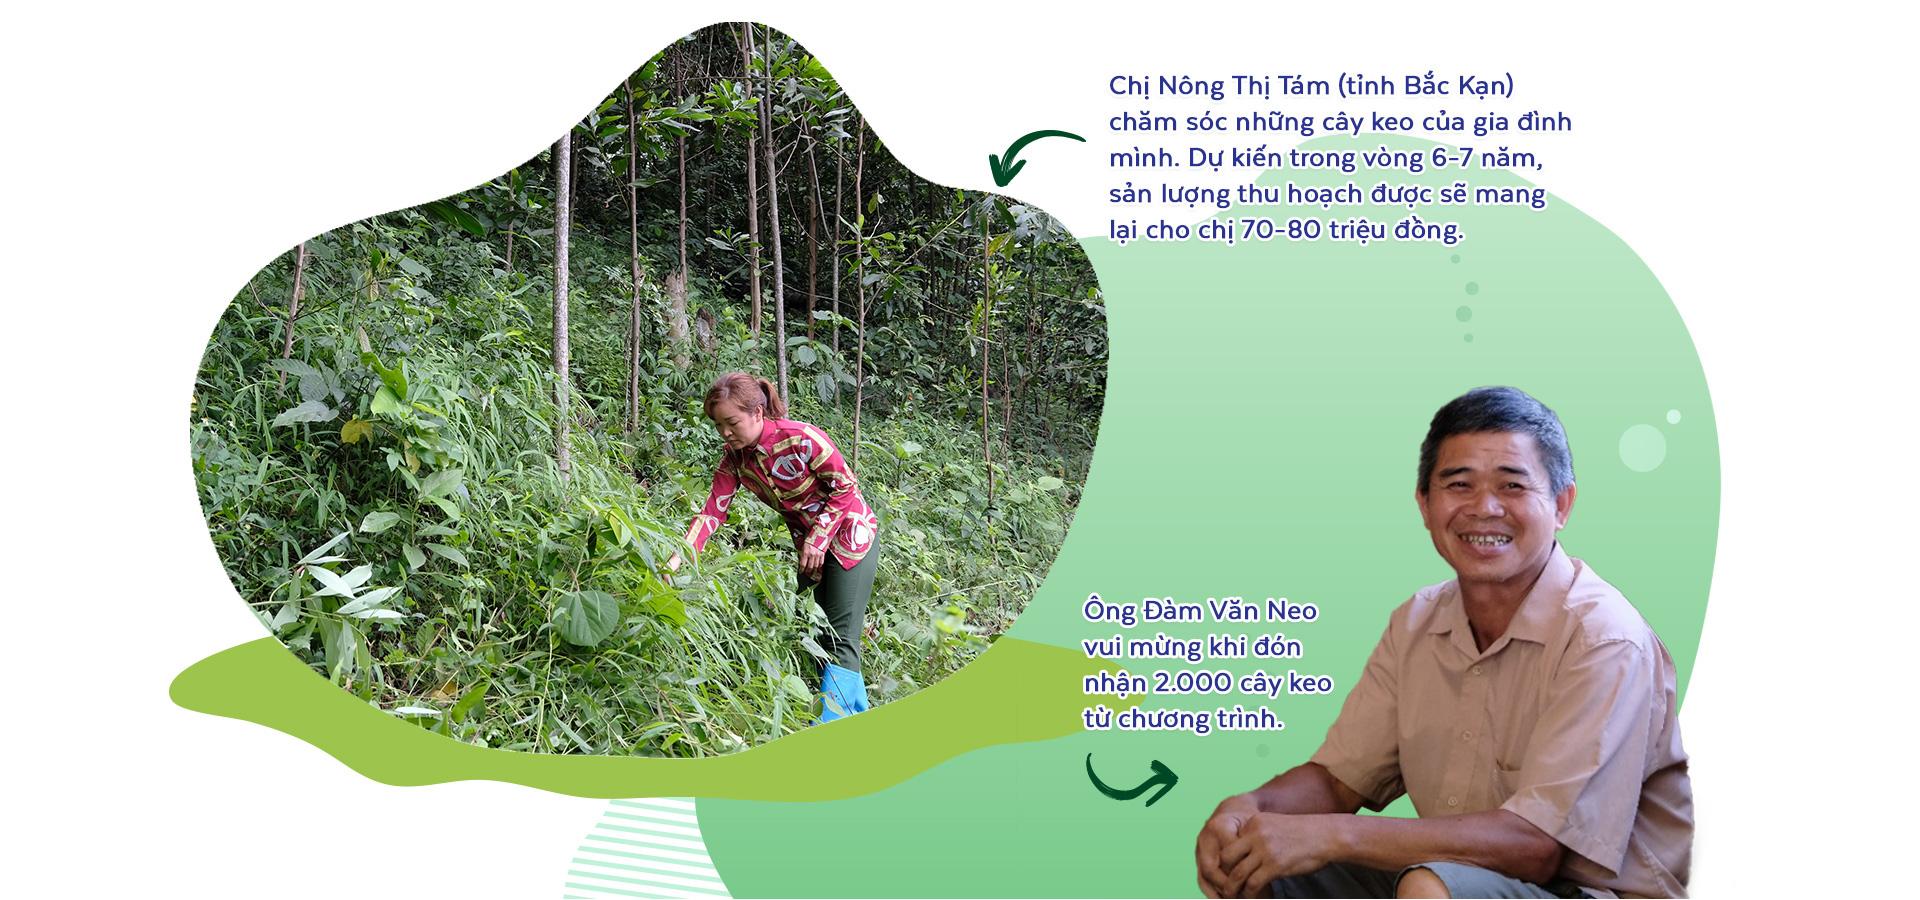 Triệu cây vươn cao - Hành trình xanh khởi đầu tương lai xanh - Ảnh 8.